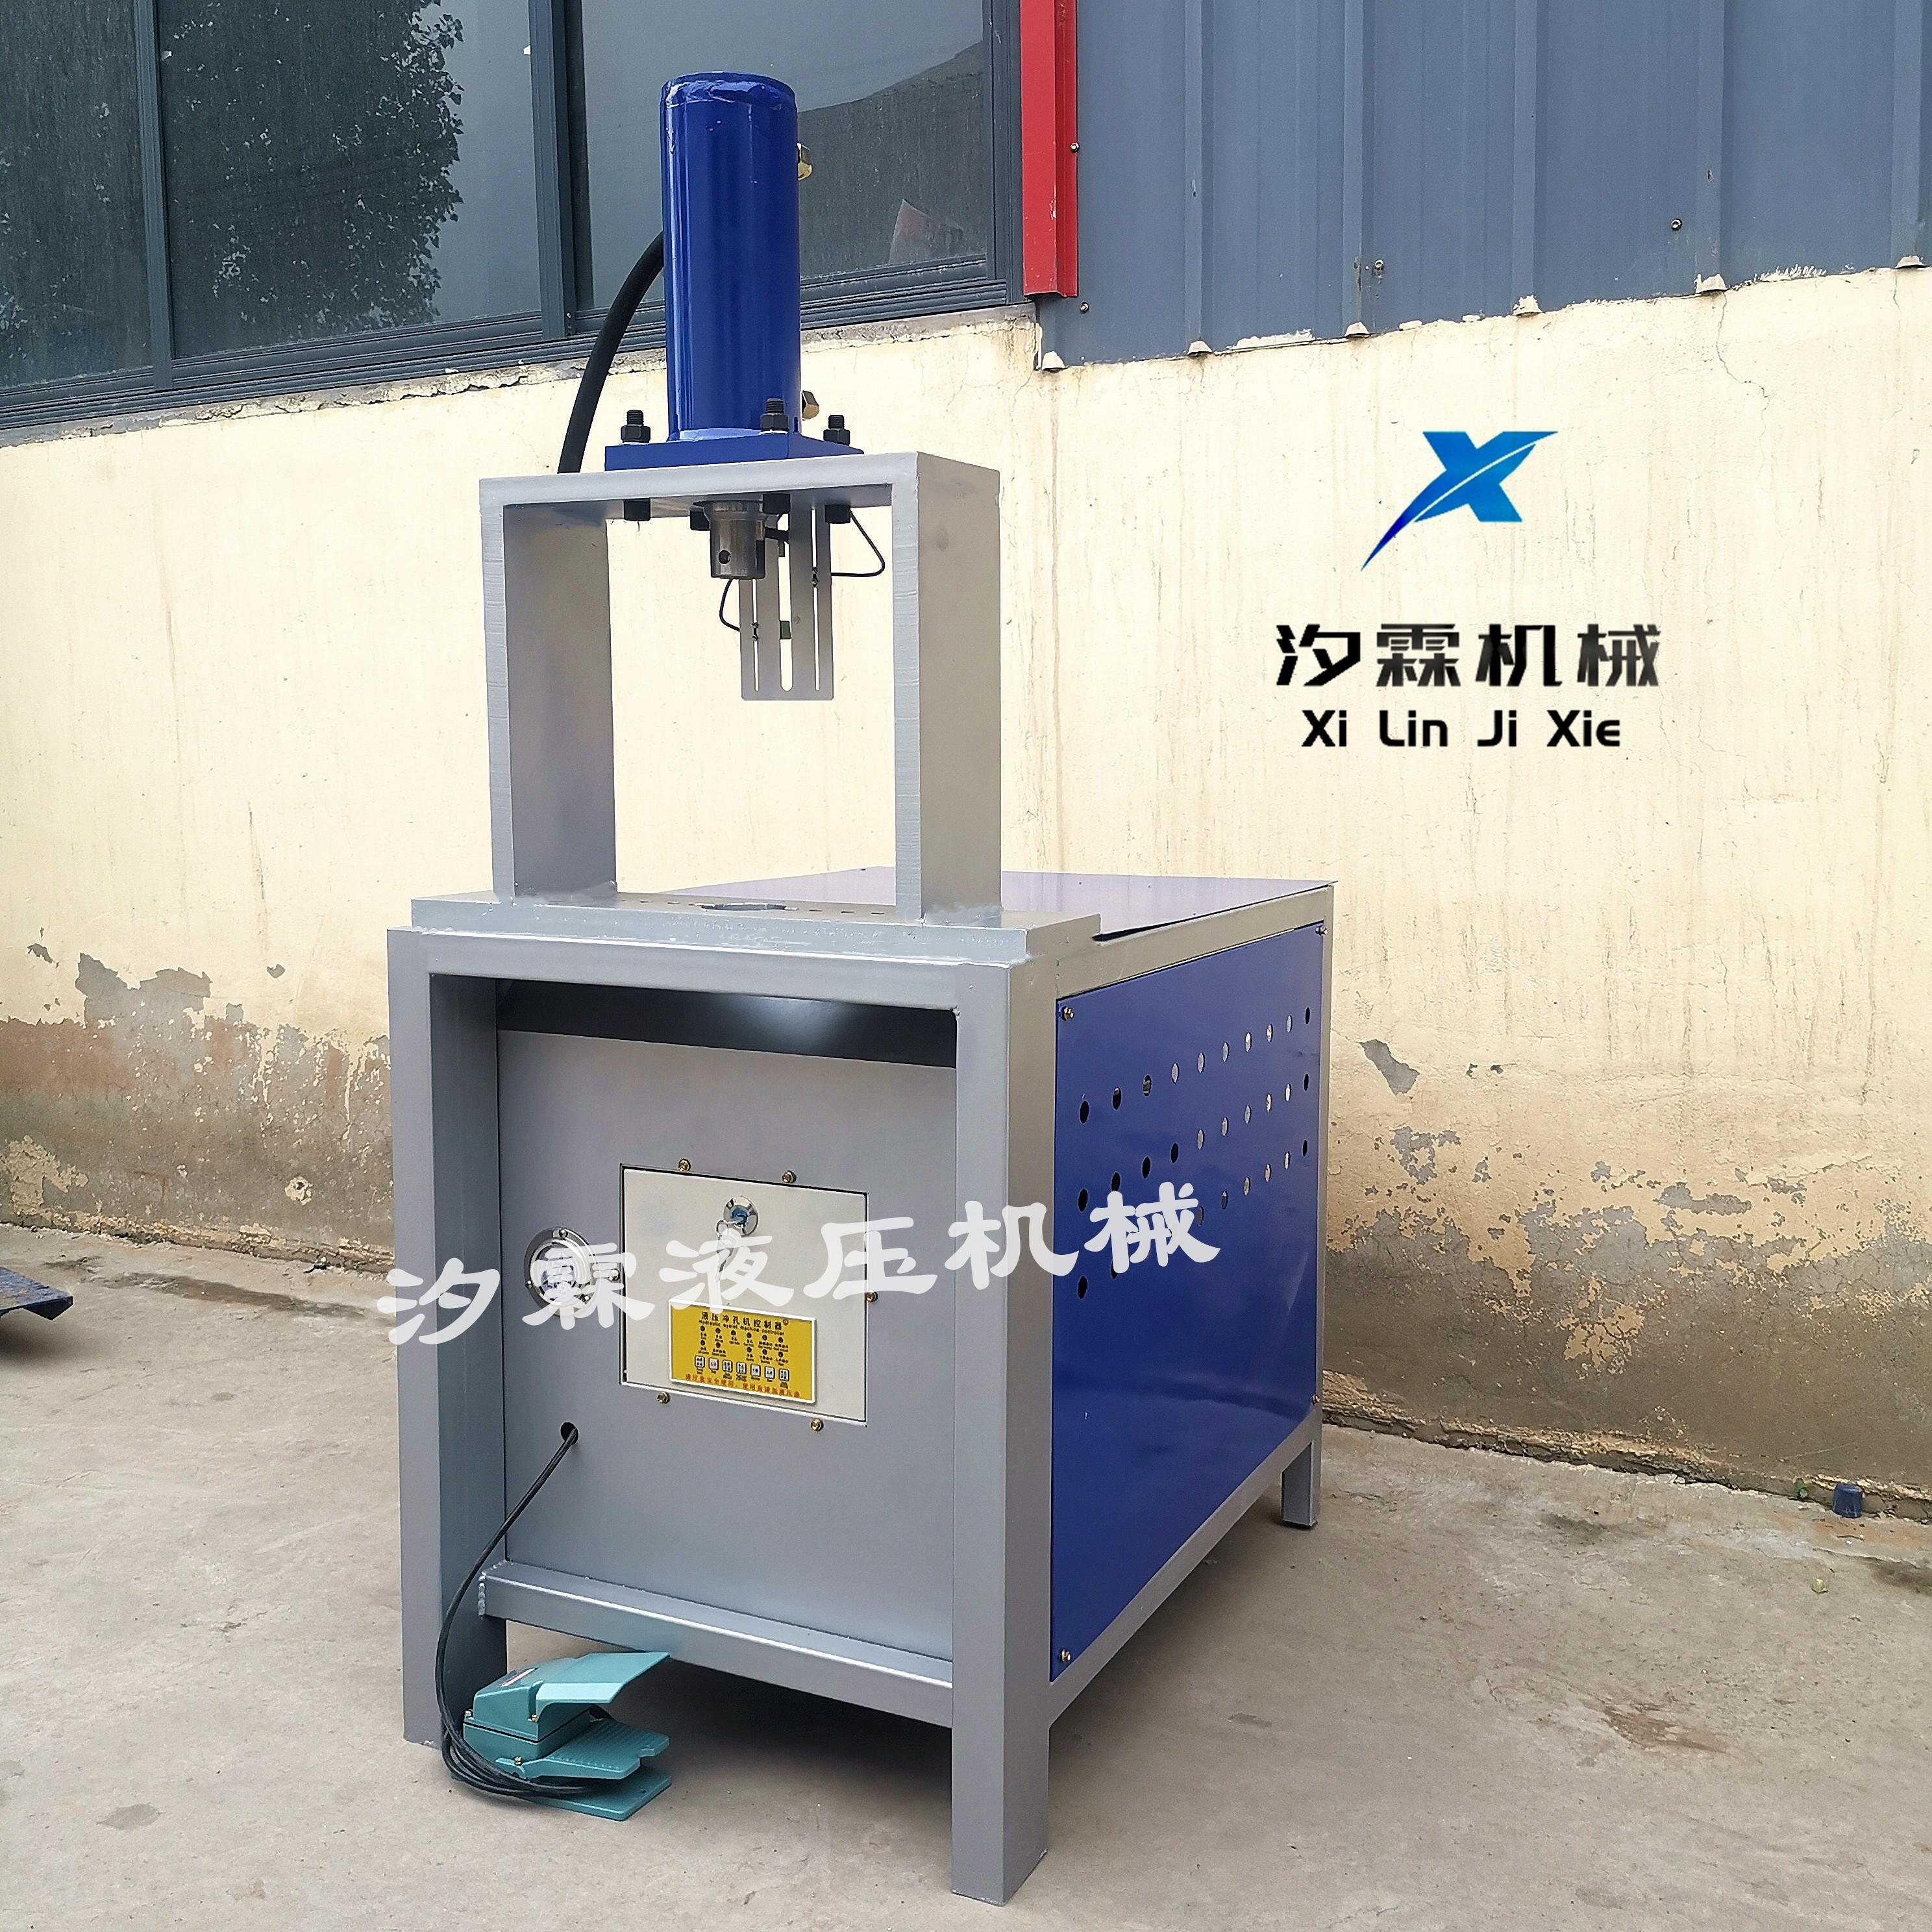 多功能液压冲孔机不锈钢圆管切弧口方管冲孔切断机角铁槽钢下料。